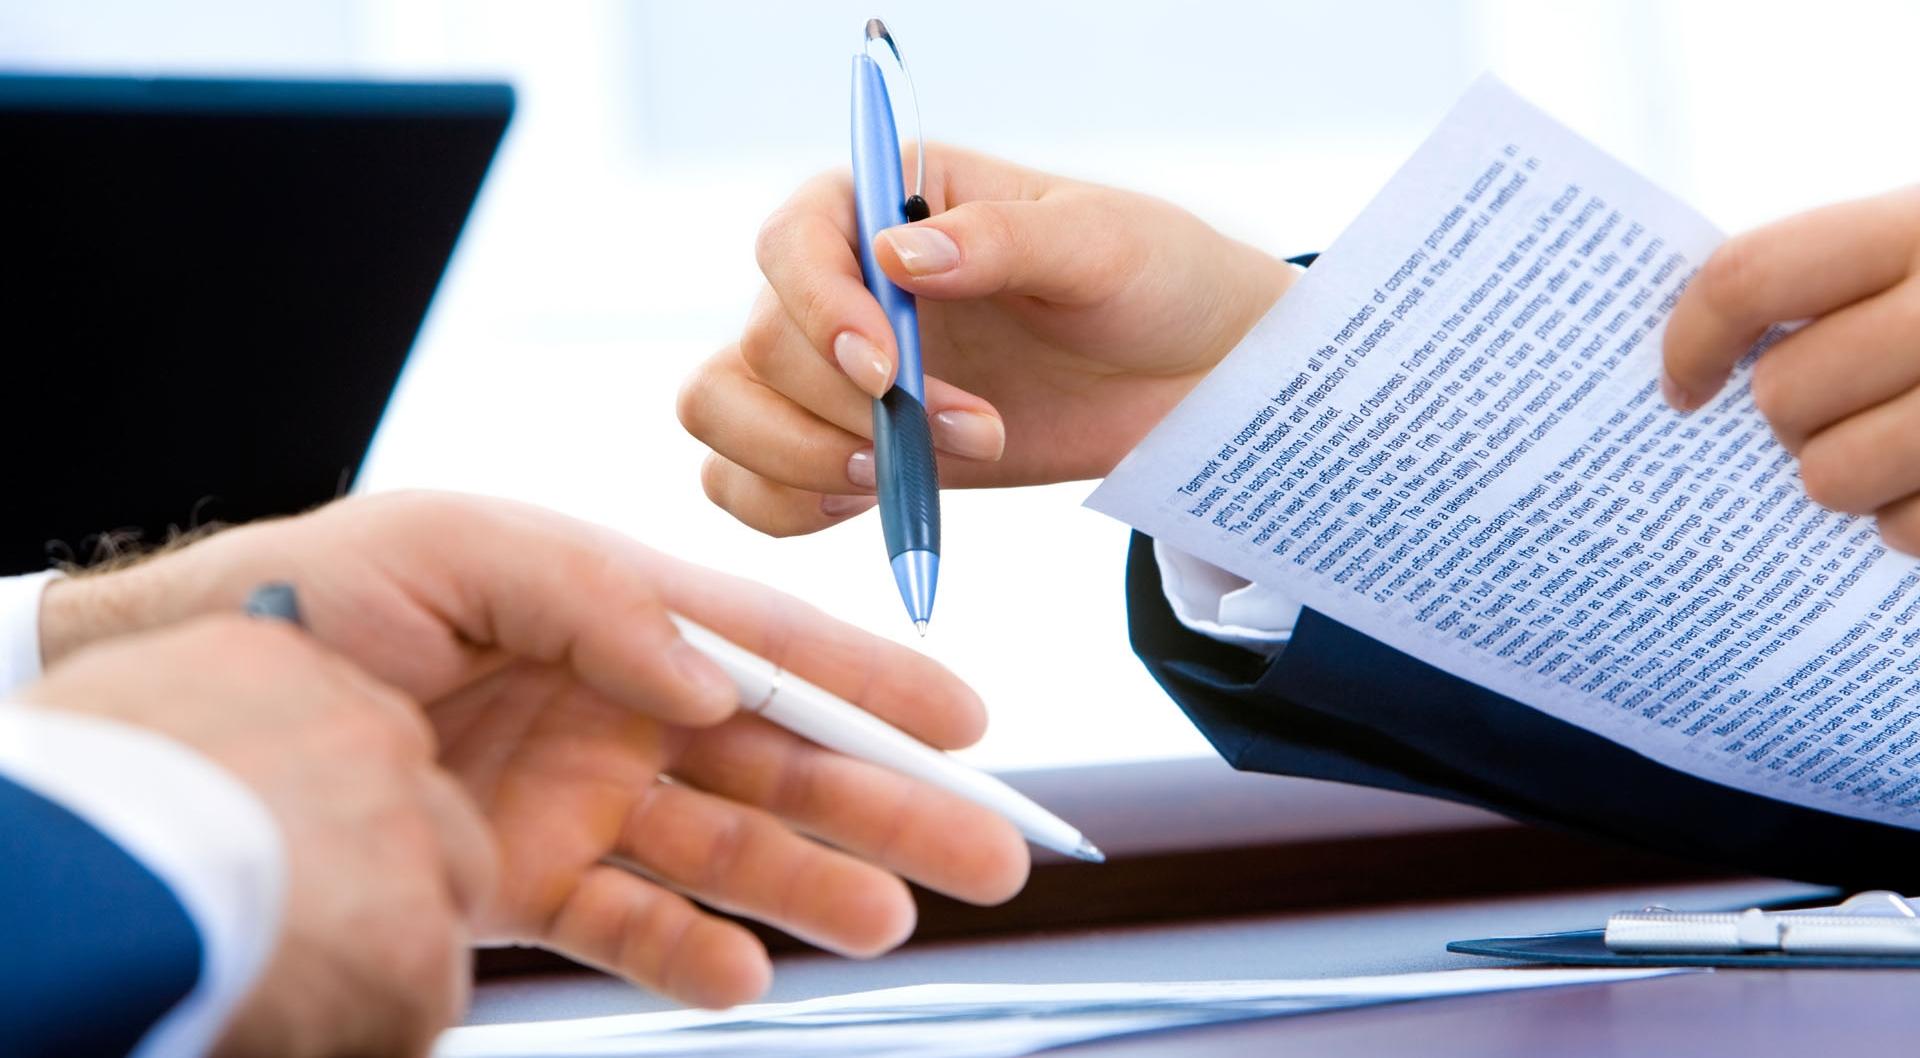 Предоставить справку 2-НДФЛ по запросу физического лица – обязанность каждого налогового агента